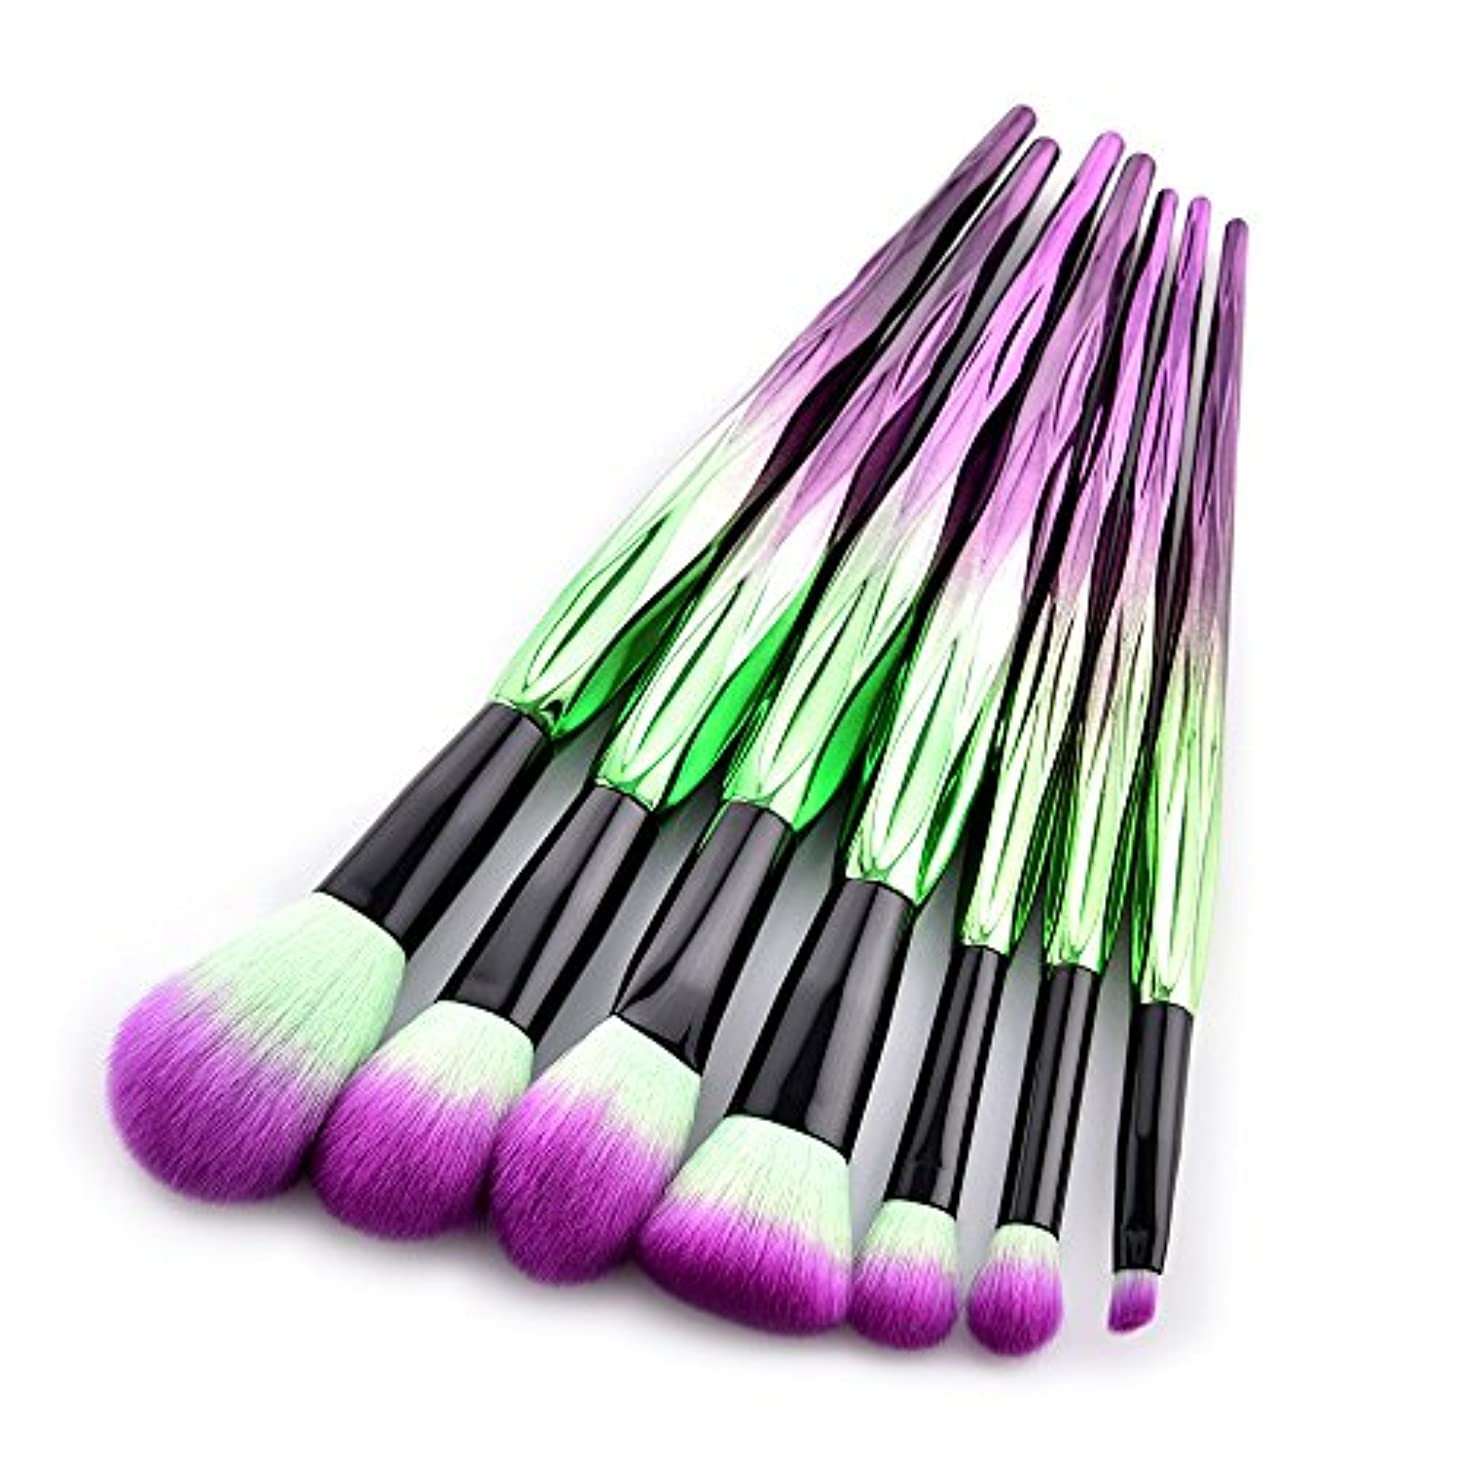 芸術共産主義対応(プタス)Putars メイクブラシ メイクブラシセット 7本セット 22*12*1.4cm 紫 緑 ベースメイク 化粧ブラシ ふわふわ お肌に優しい 毛量たっぷり メイク道具 プレゼント